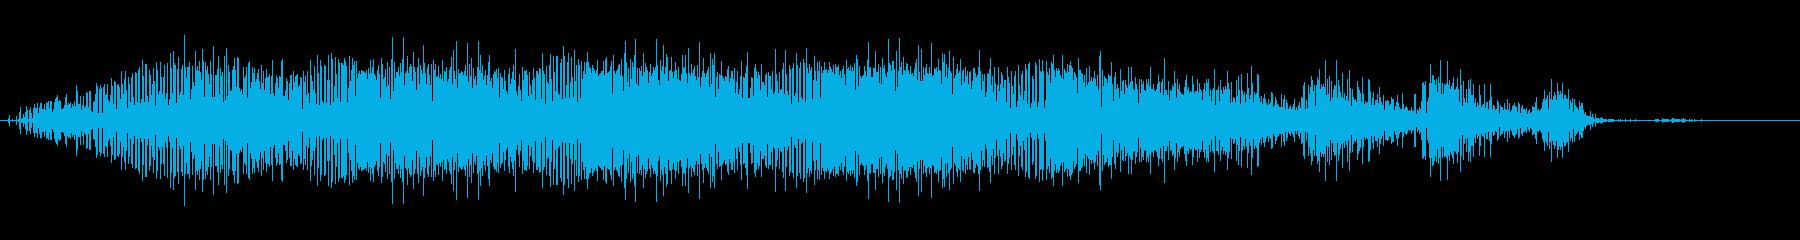 【ホラー/サスペンス系】ノイズ 不安の再生済みの波形